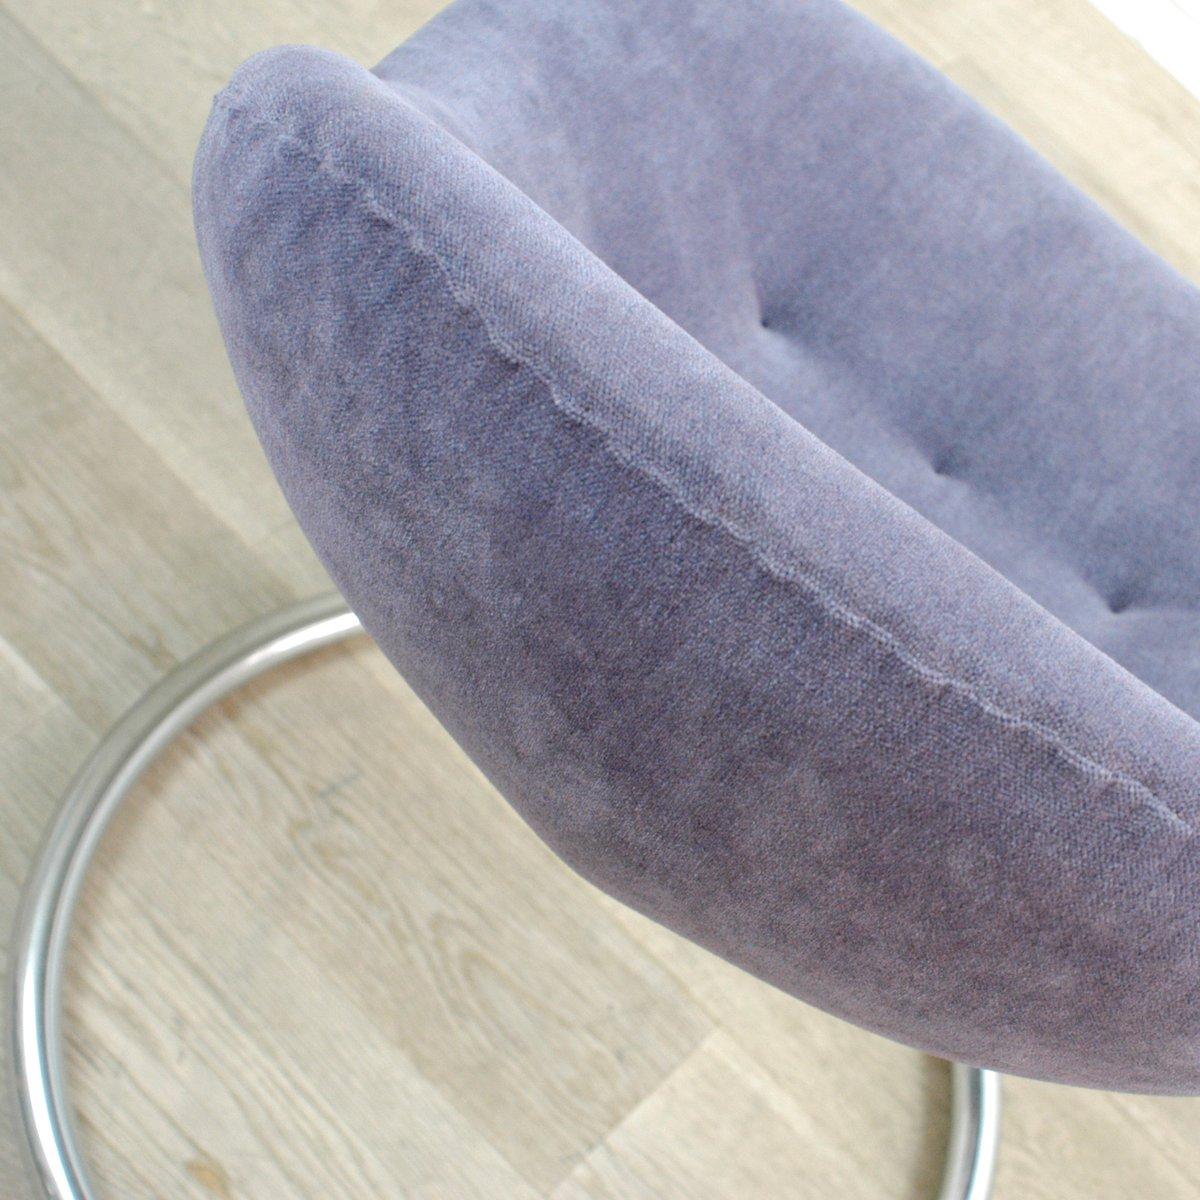 chaise vintage italie 1970s en vente sur pamono. Black Bedroom Furniture Sets. Home Design Ideas